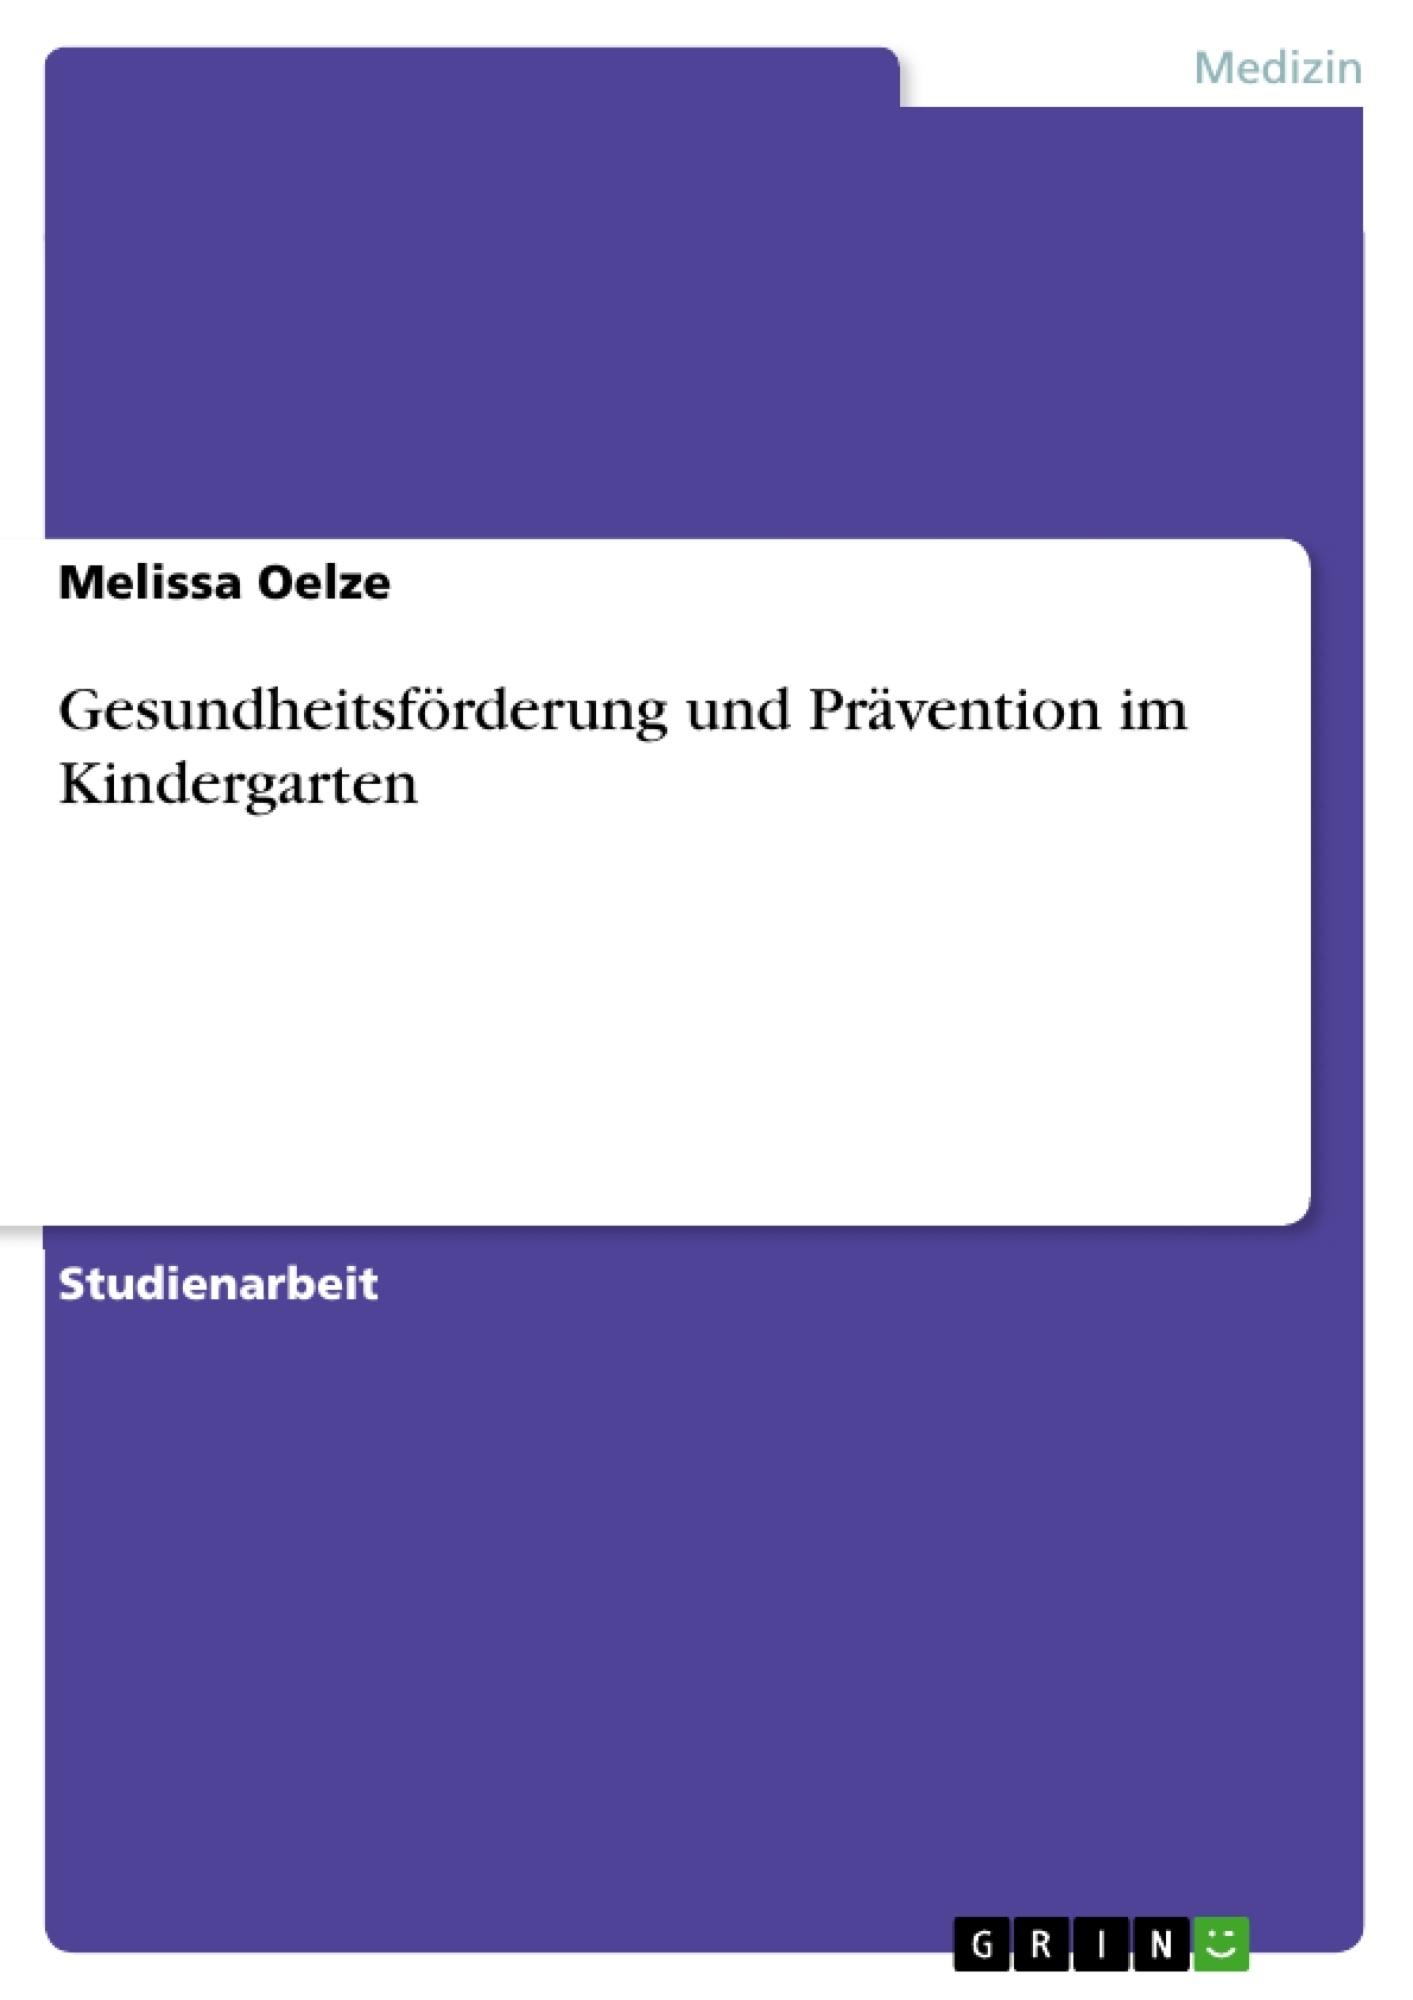 Titel: Gesundheitsförderung und Prävention im Kindergarten